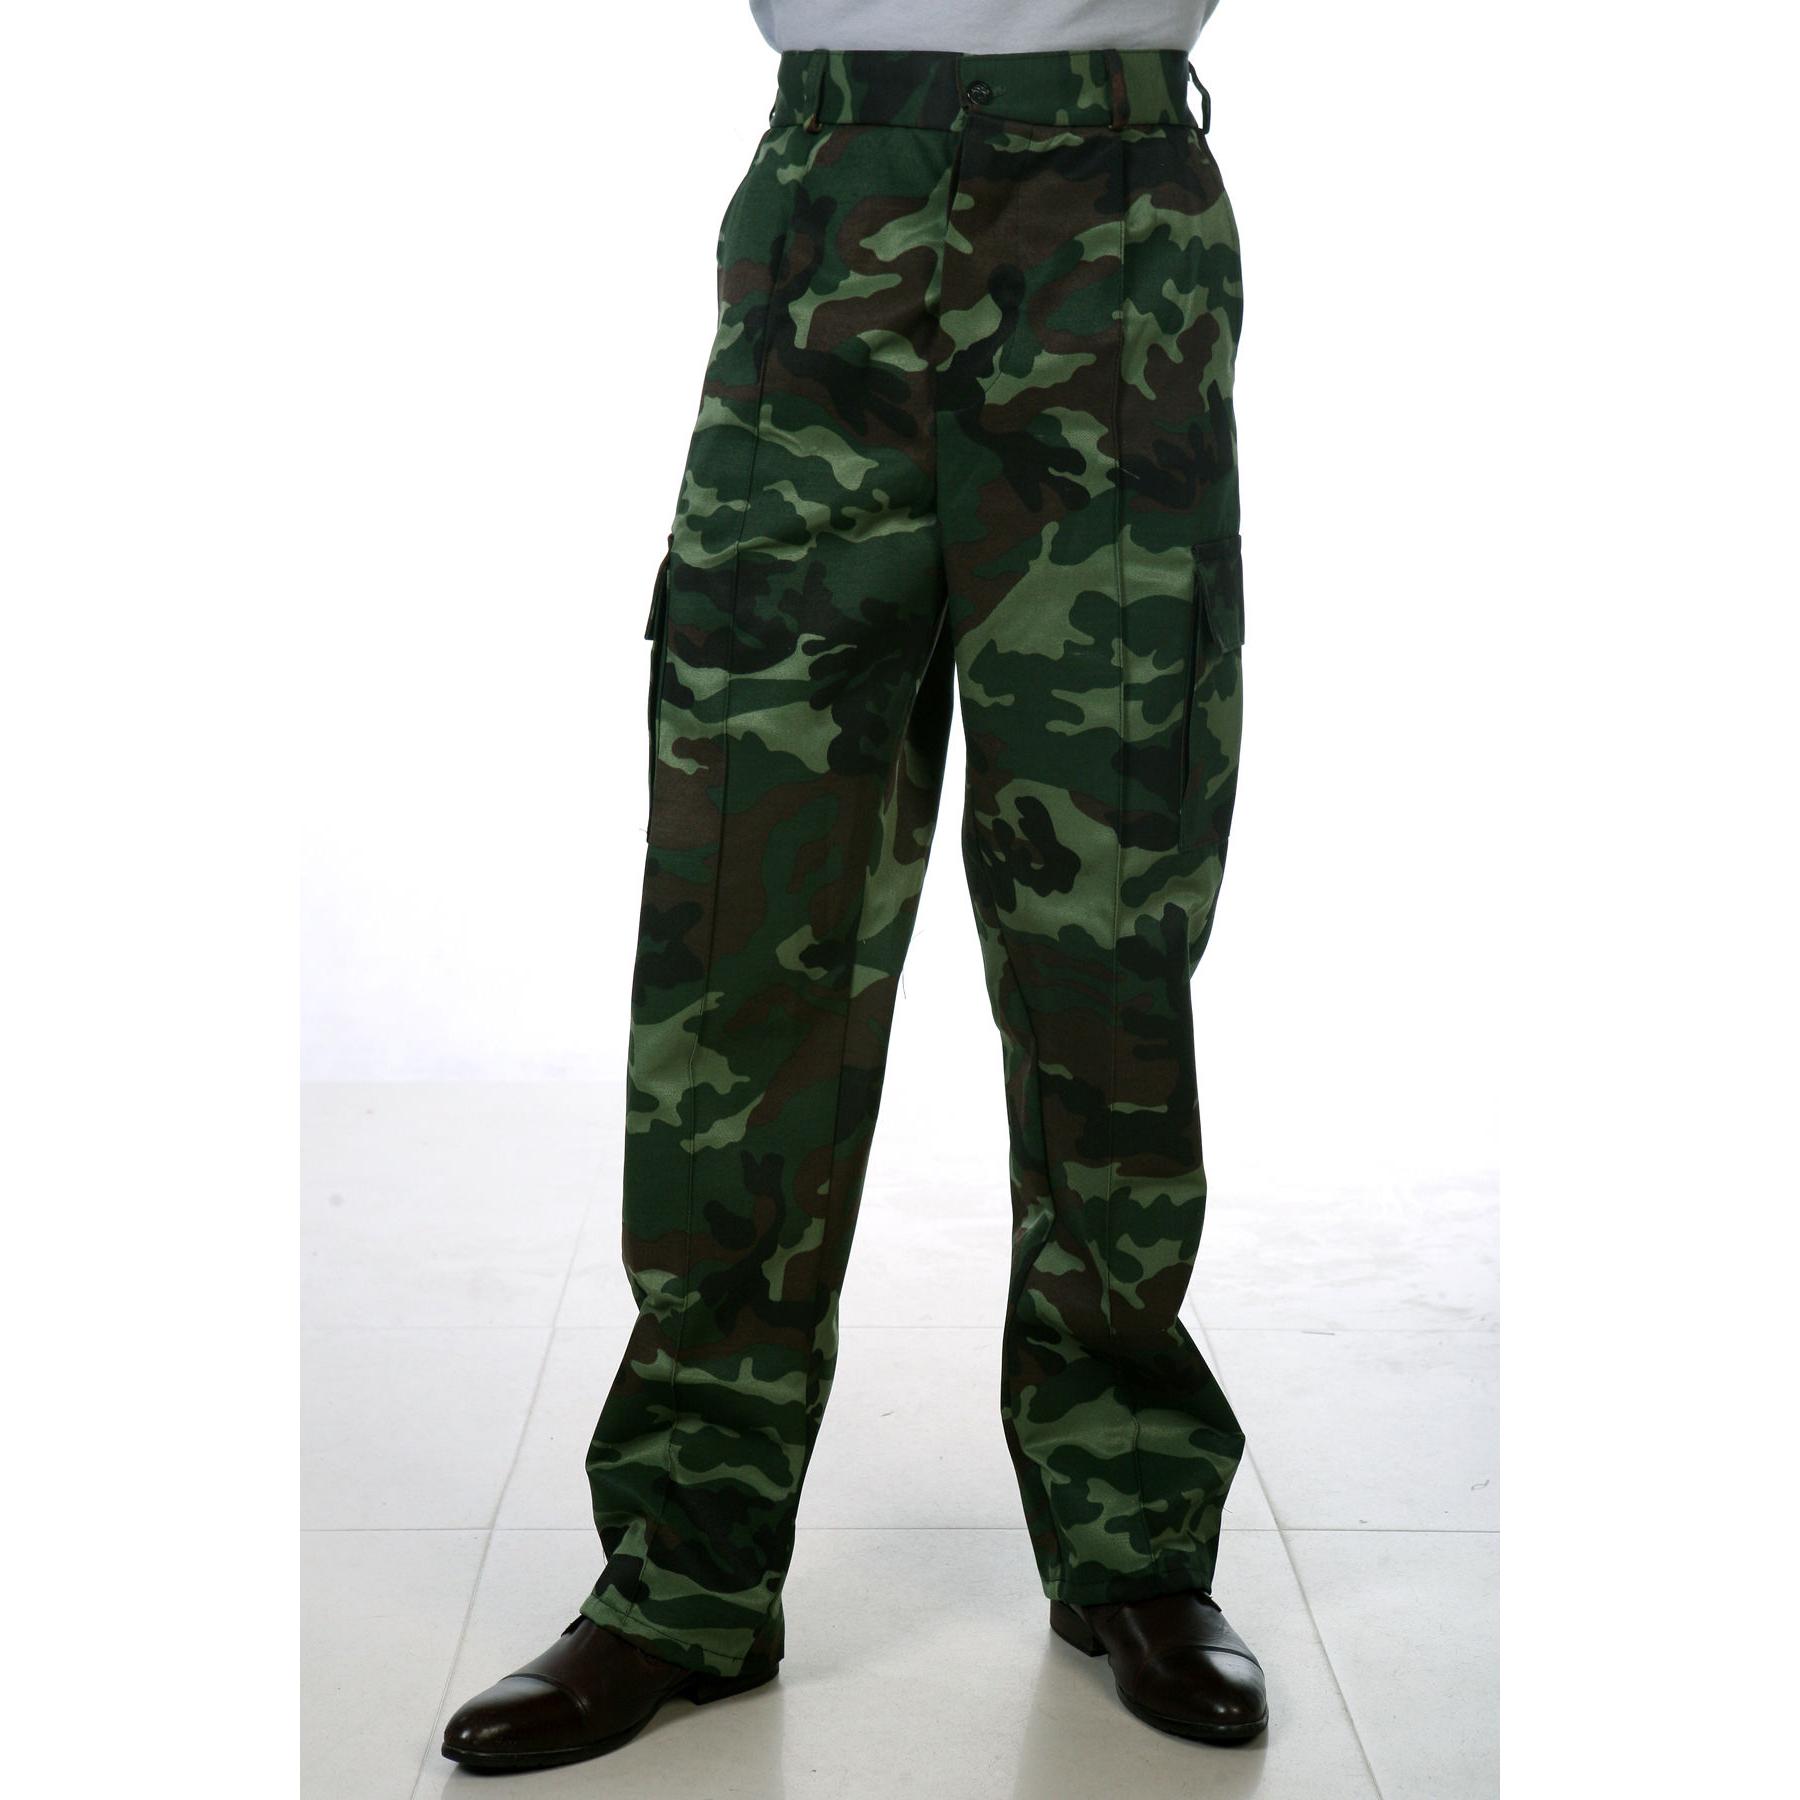 Мужские брюки «Камуфляж», размер 46Спецодежда<br><br><br>Тип: Муж. брюки<br>Размер: 46<br>Материал: Грета